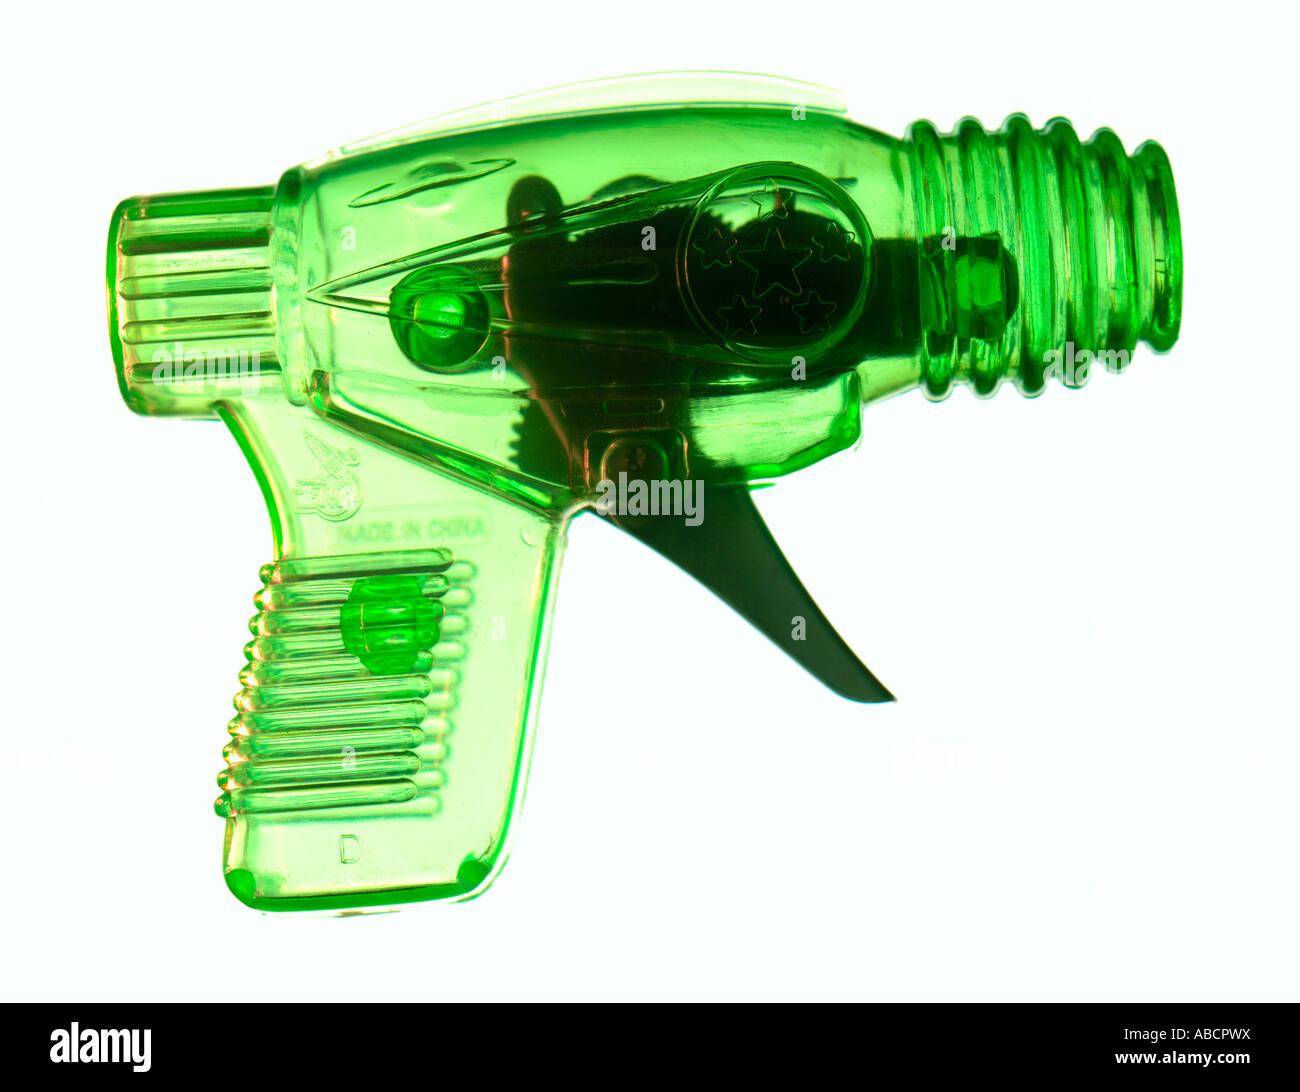 Illustrazioni grafiche di una pistola giocattolo per bambini Immagini Stock